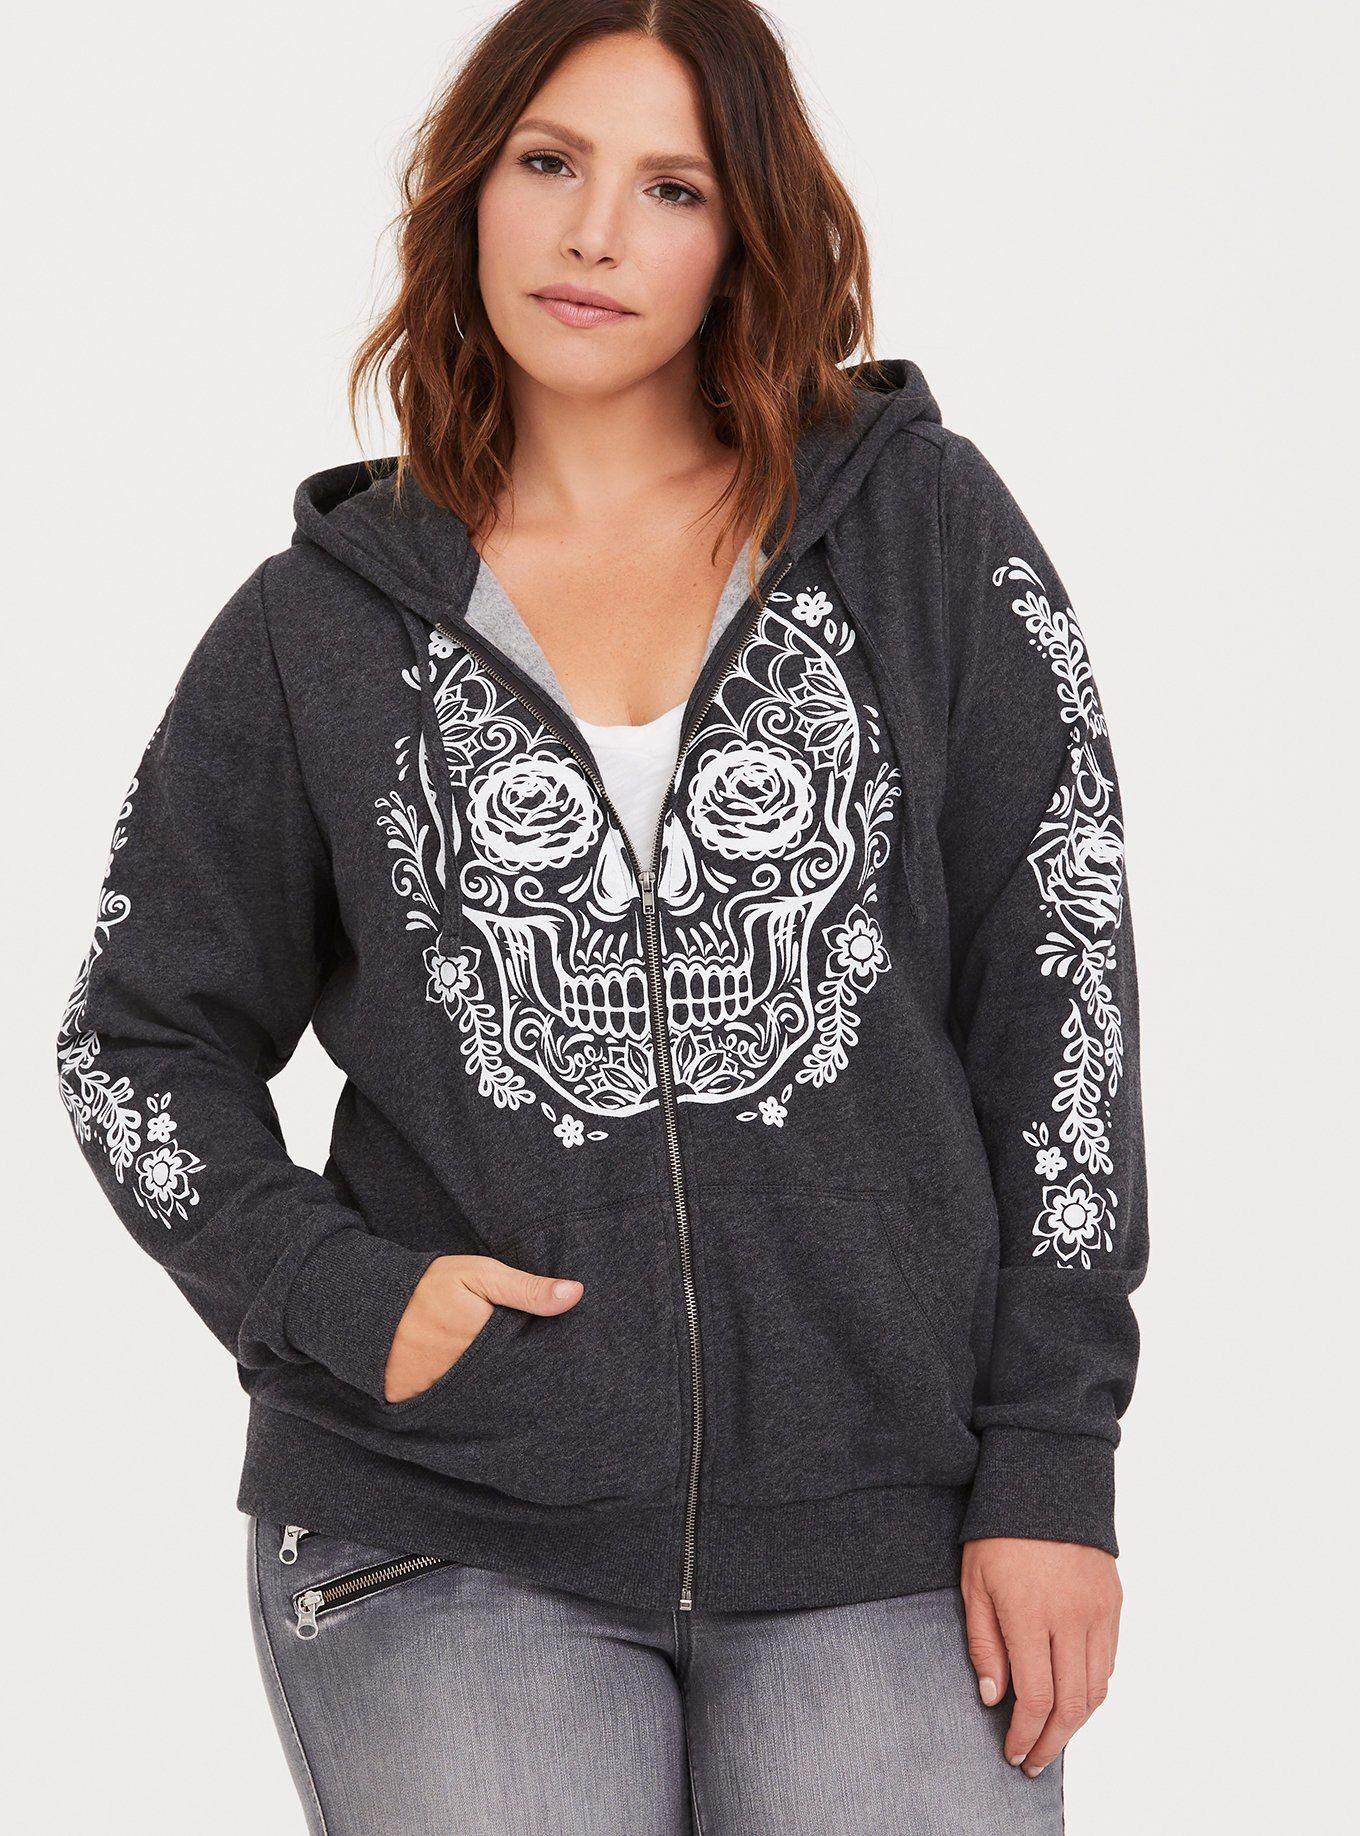 Sugar Skull Rose Girls Warm Sweatshirt Pullover Hoodie